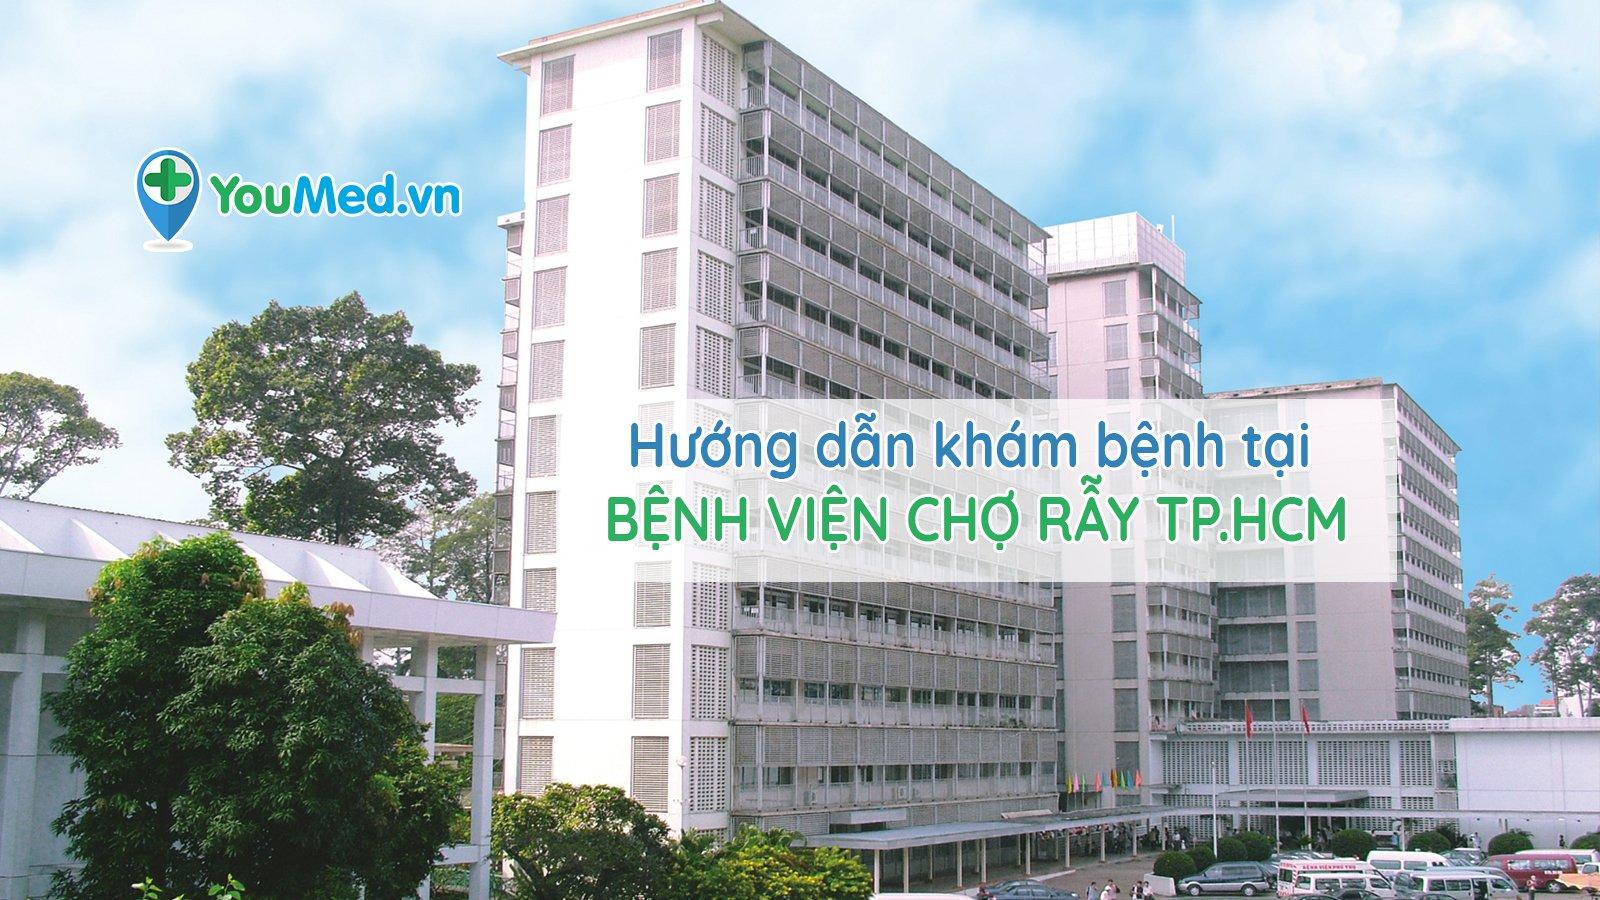 Hướng dẫn khám bệnh tại bệnh viện Chợ Rẫy TP.HCM